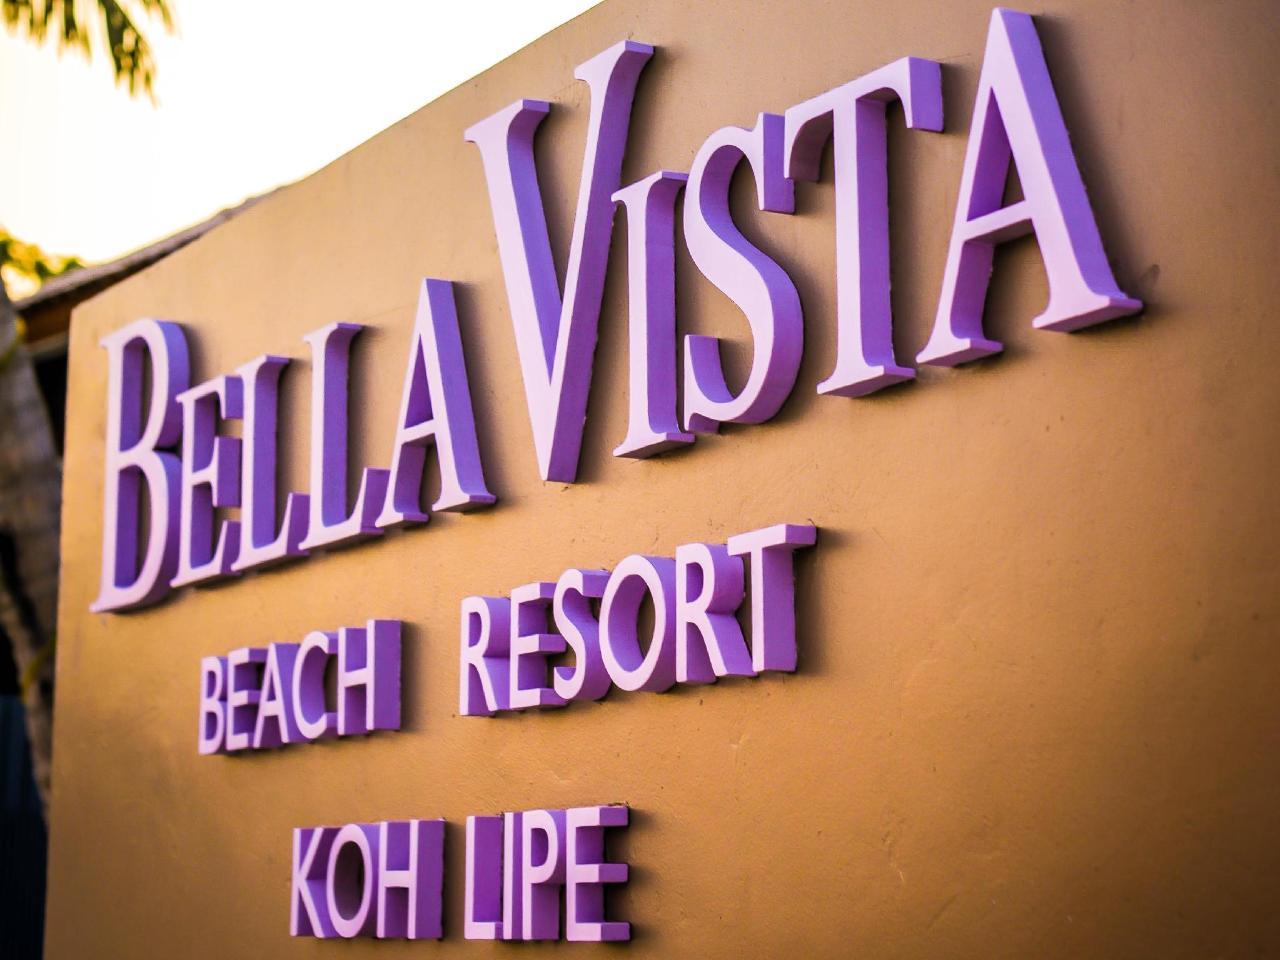 เบลลา วิสตา บีช รีสอร์ท เกาะหลีเป๊ะ (Bella Vista Beach Resort Koh Lipe)